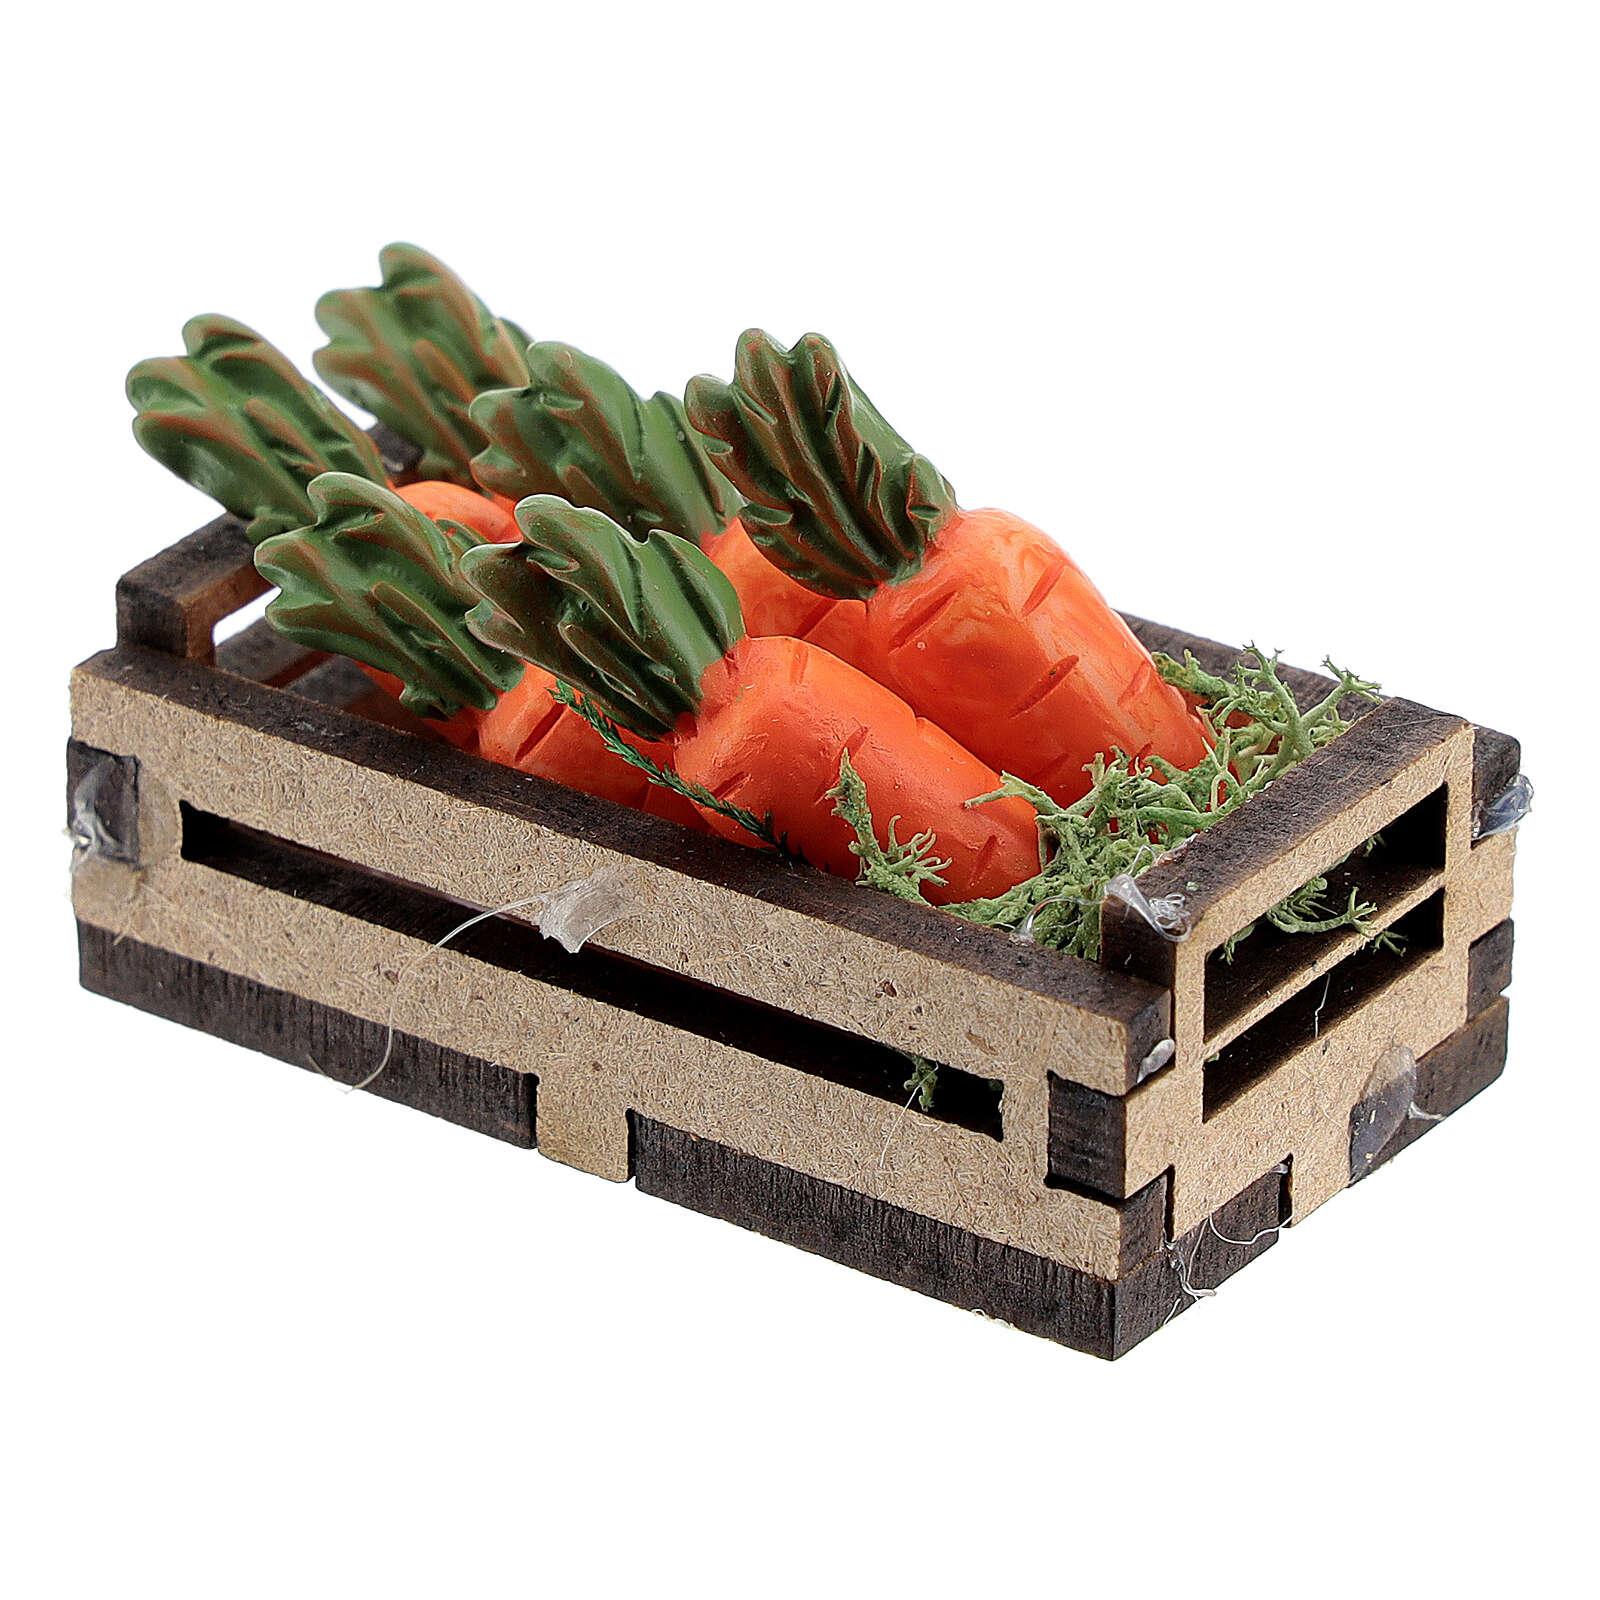 Caisse bois avec carottes crèche 12-14 cm 4